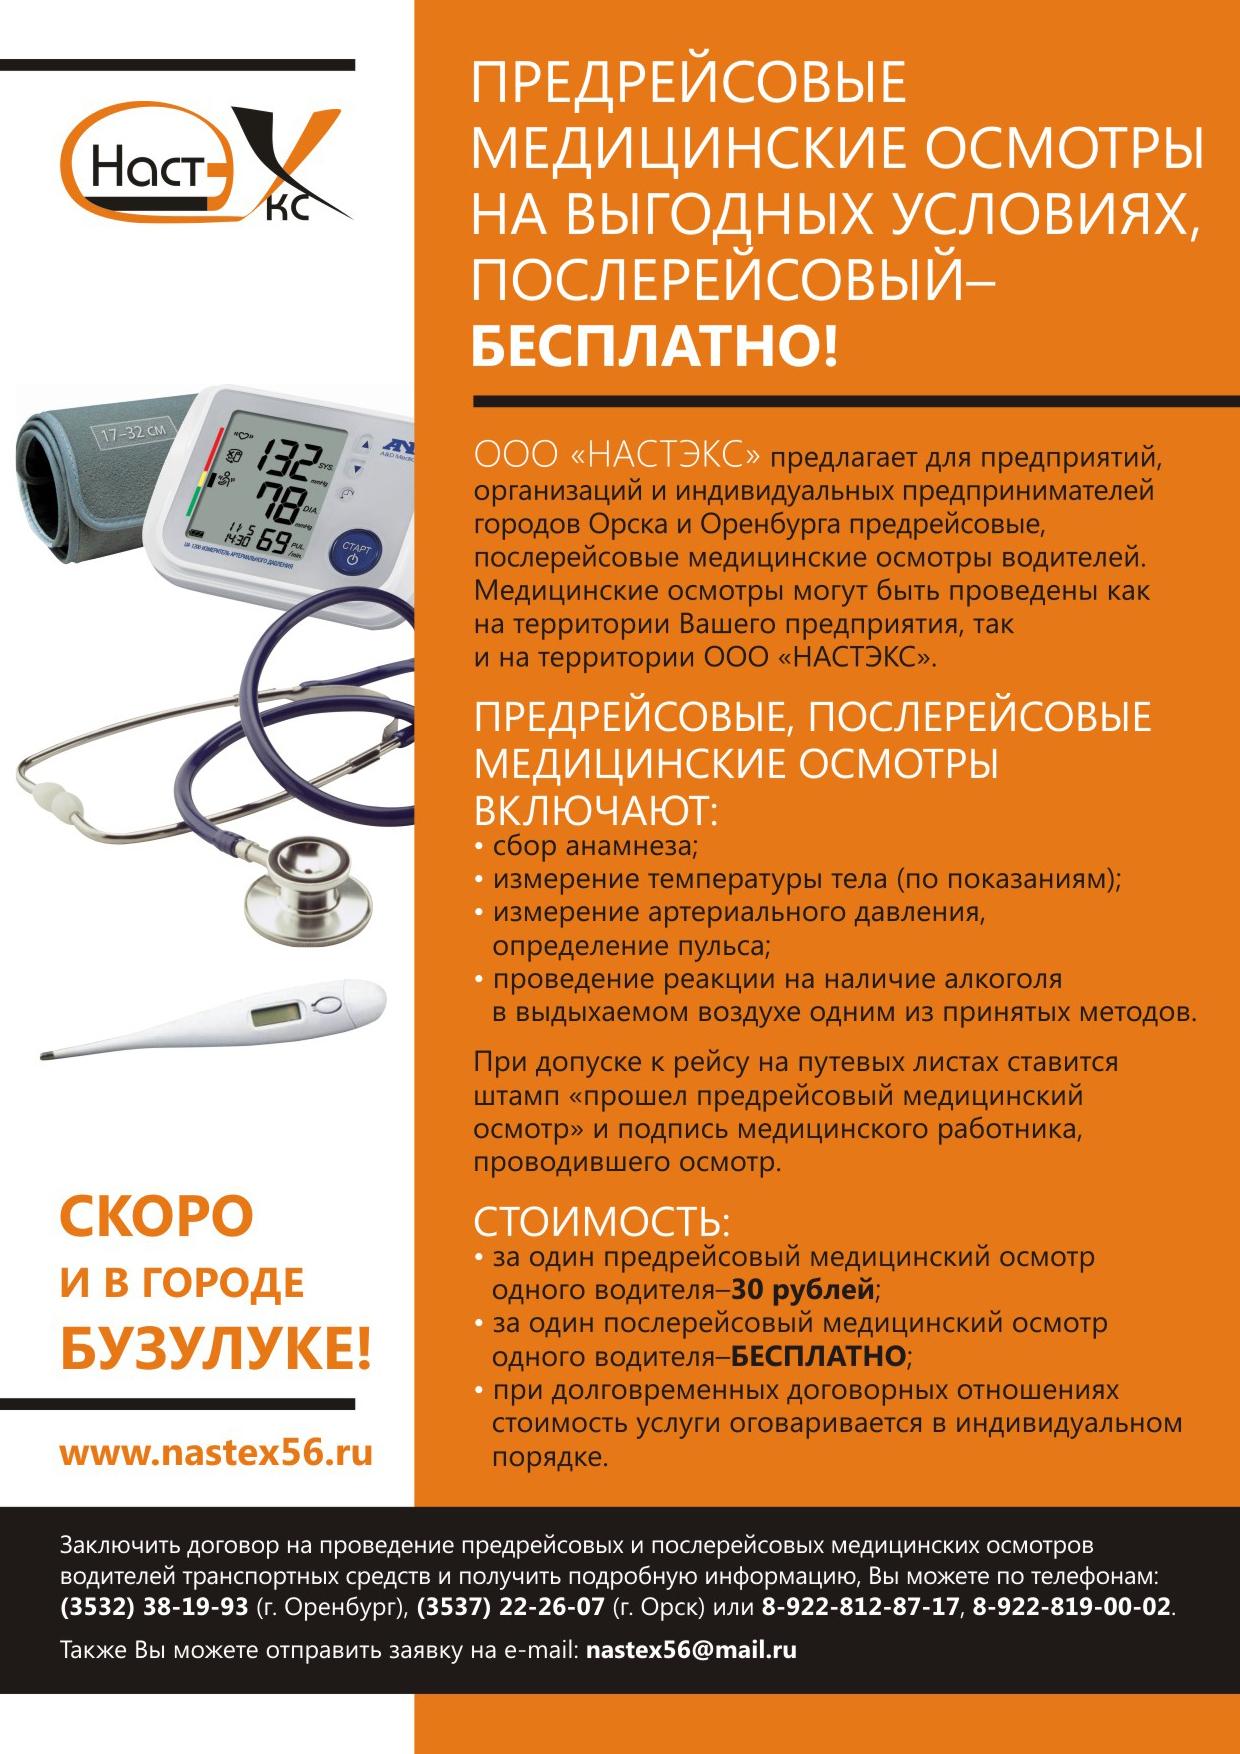 tsena-predreysovogo-meditsinskogo-osmotra